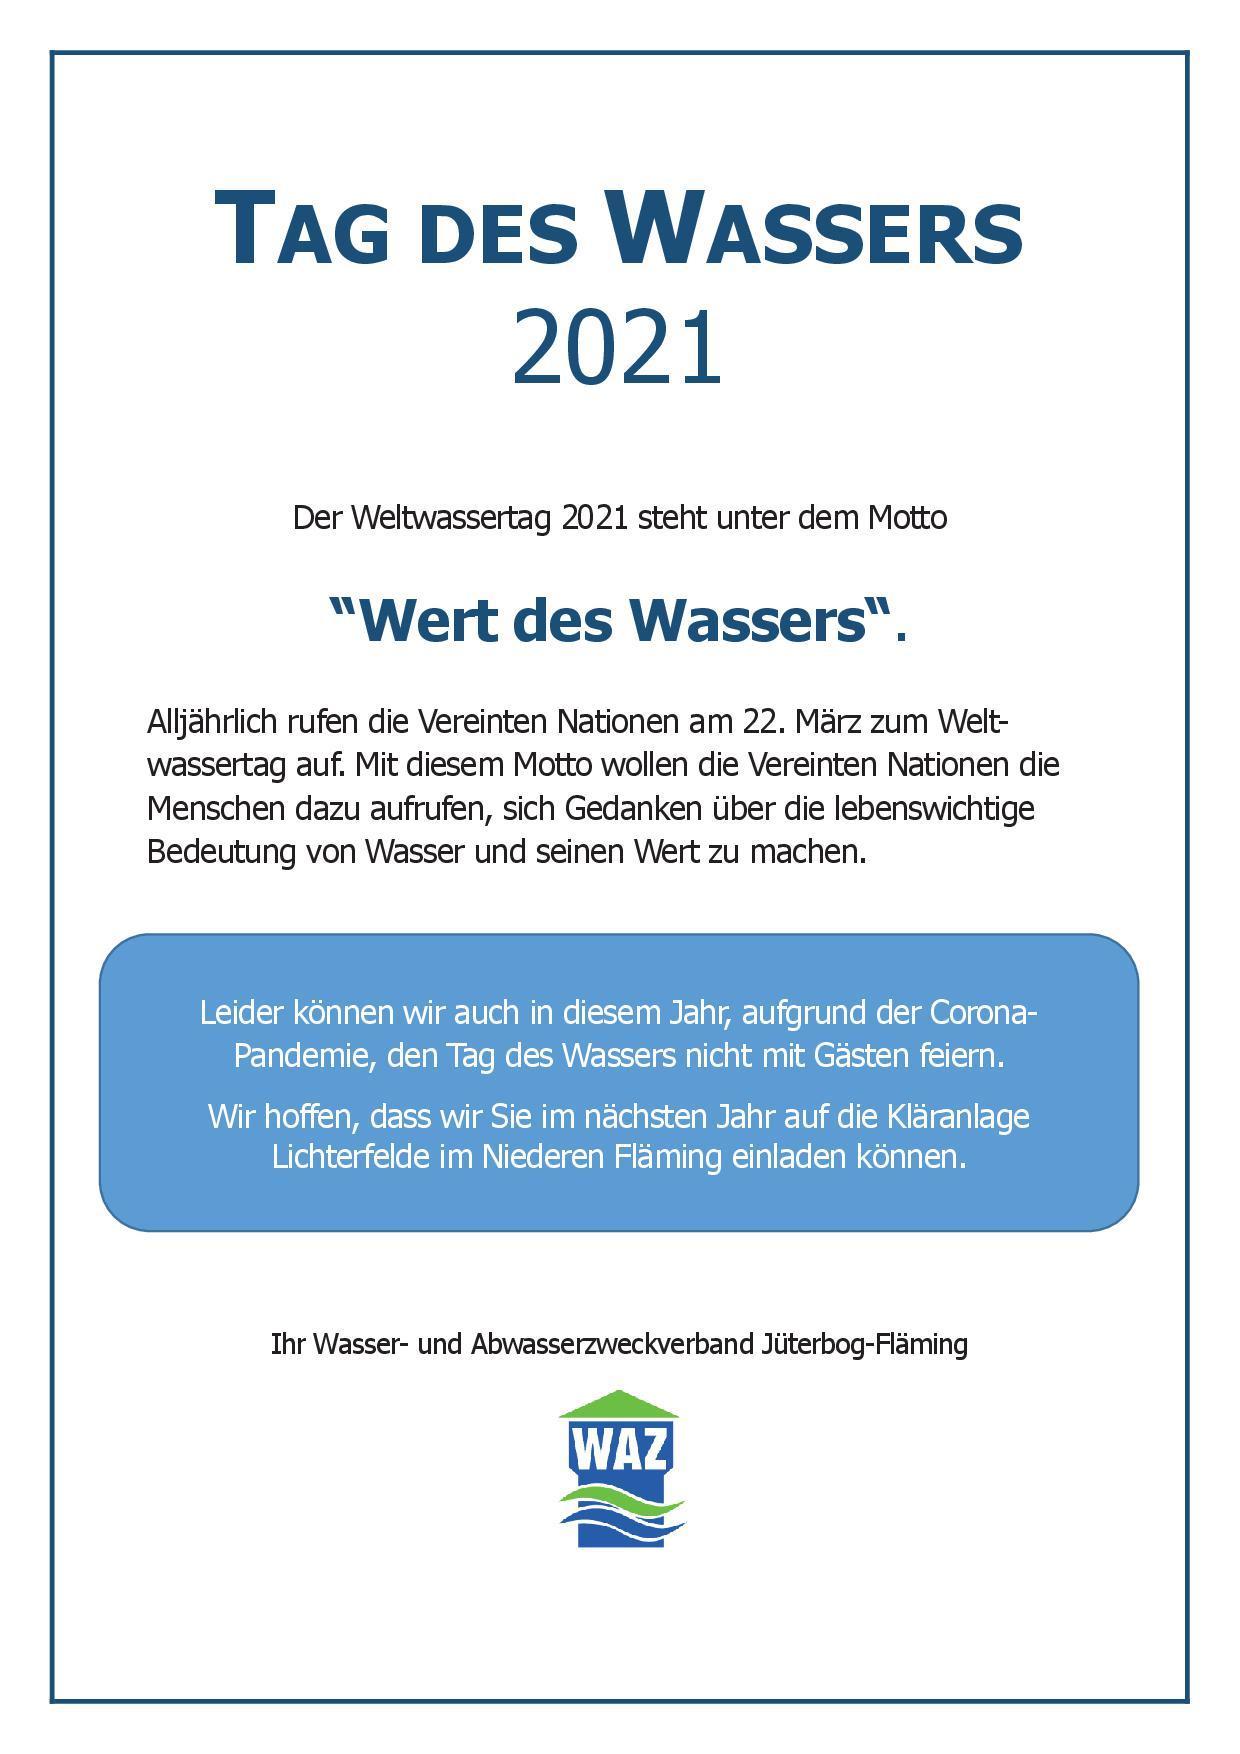 Tag des Wassers 2021